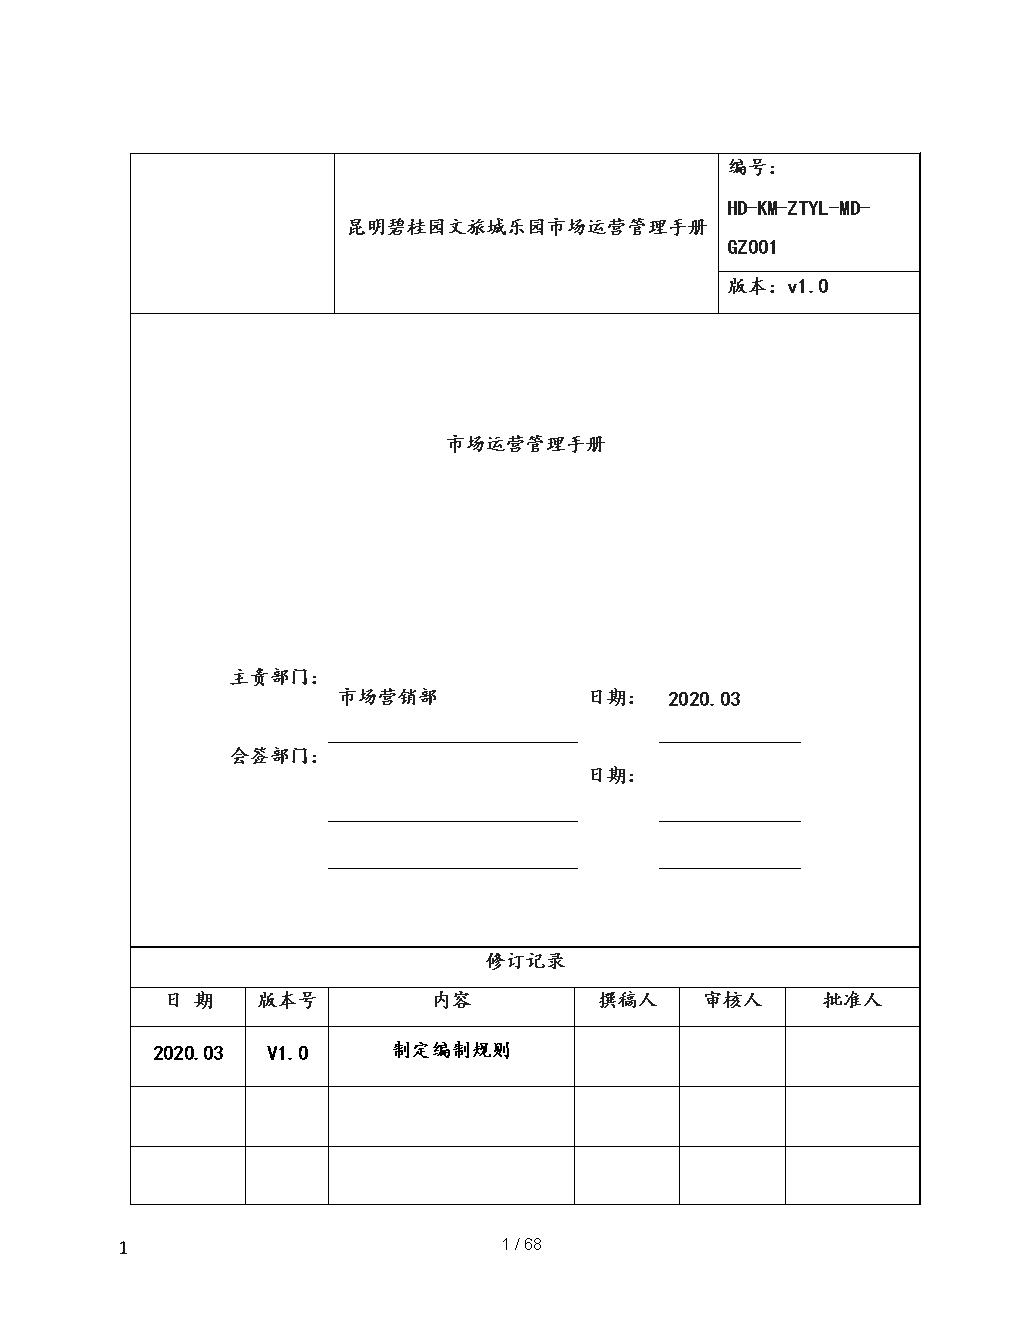 昆明碧桂园文旅城乐园市场运营管理手册市场运营.docx